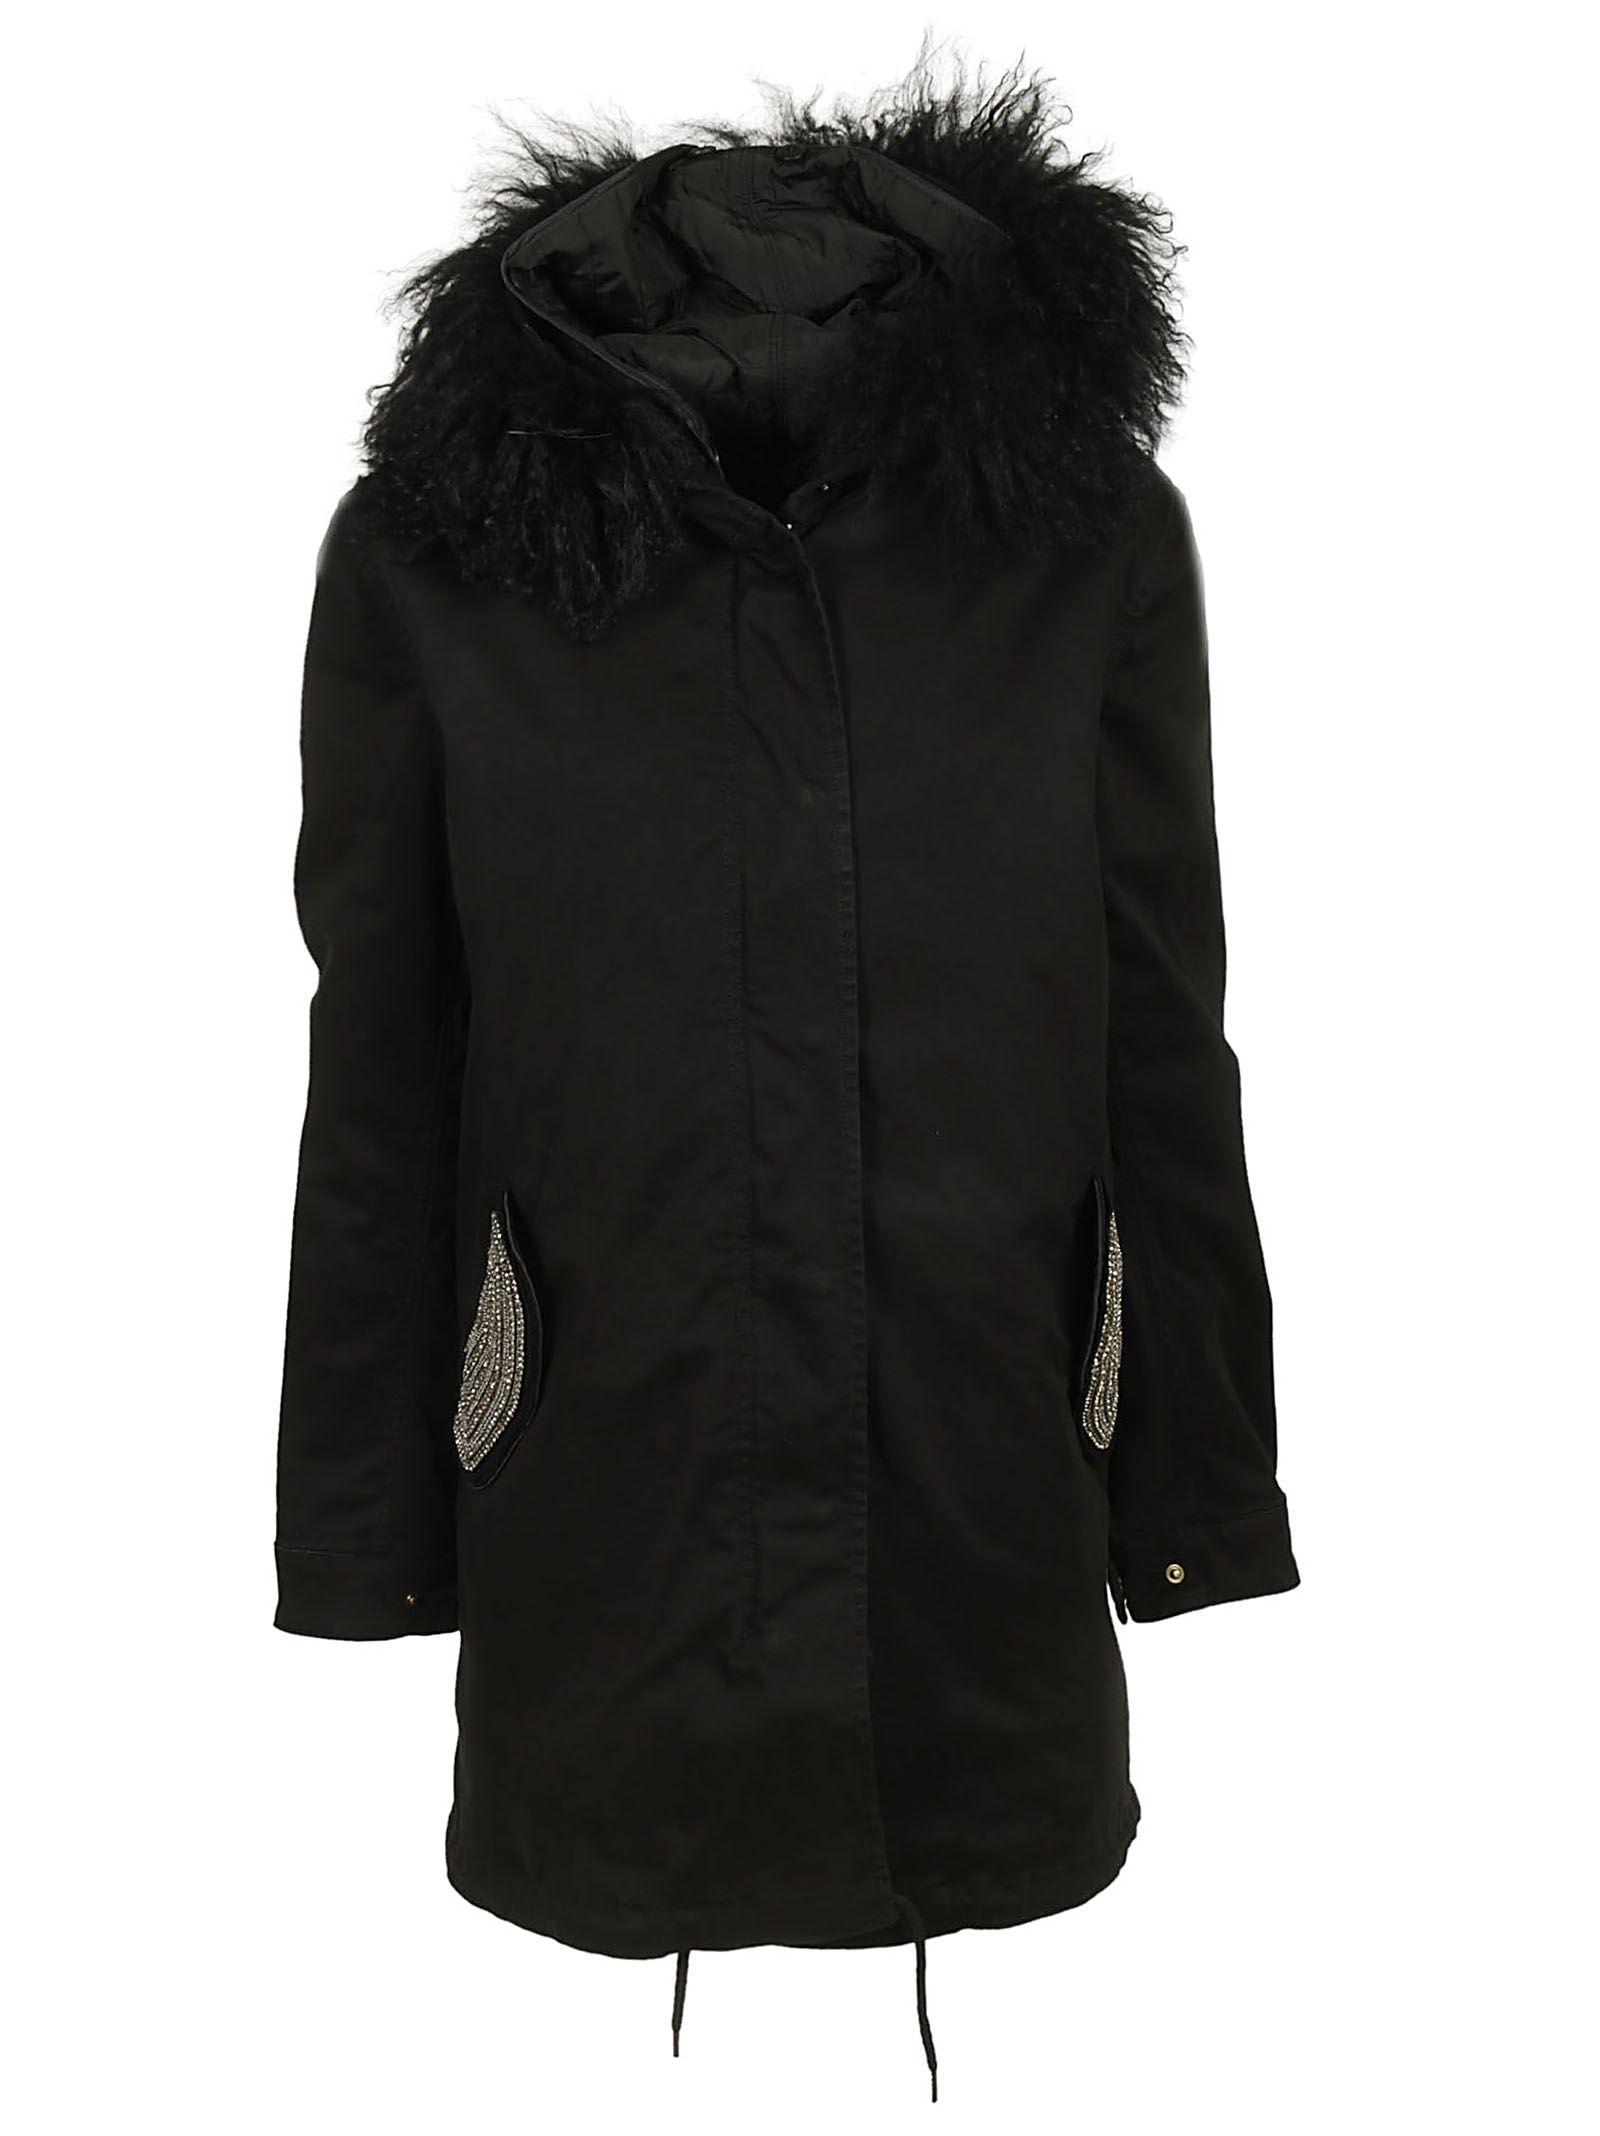 MASON'S Fur Trim Coat in Nero